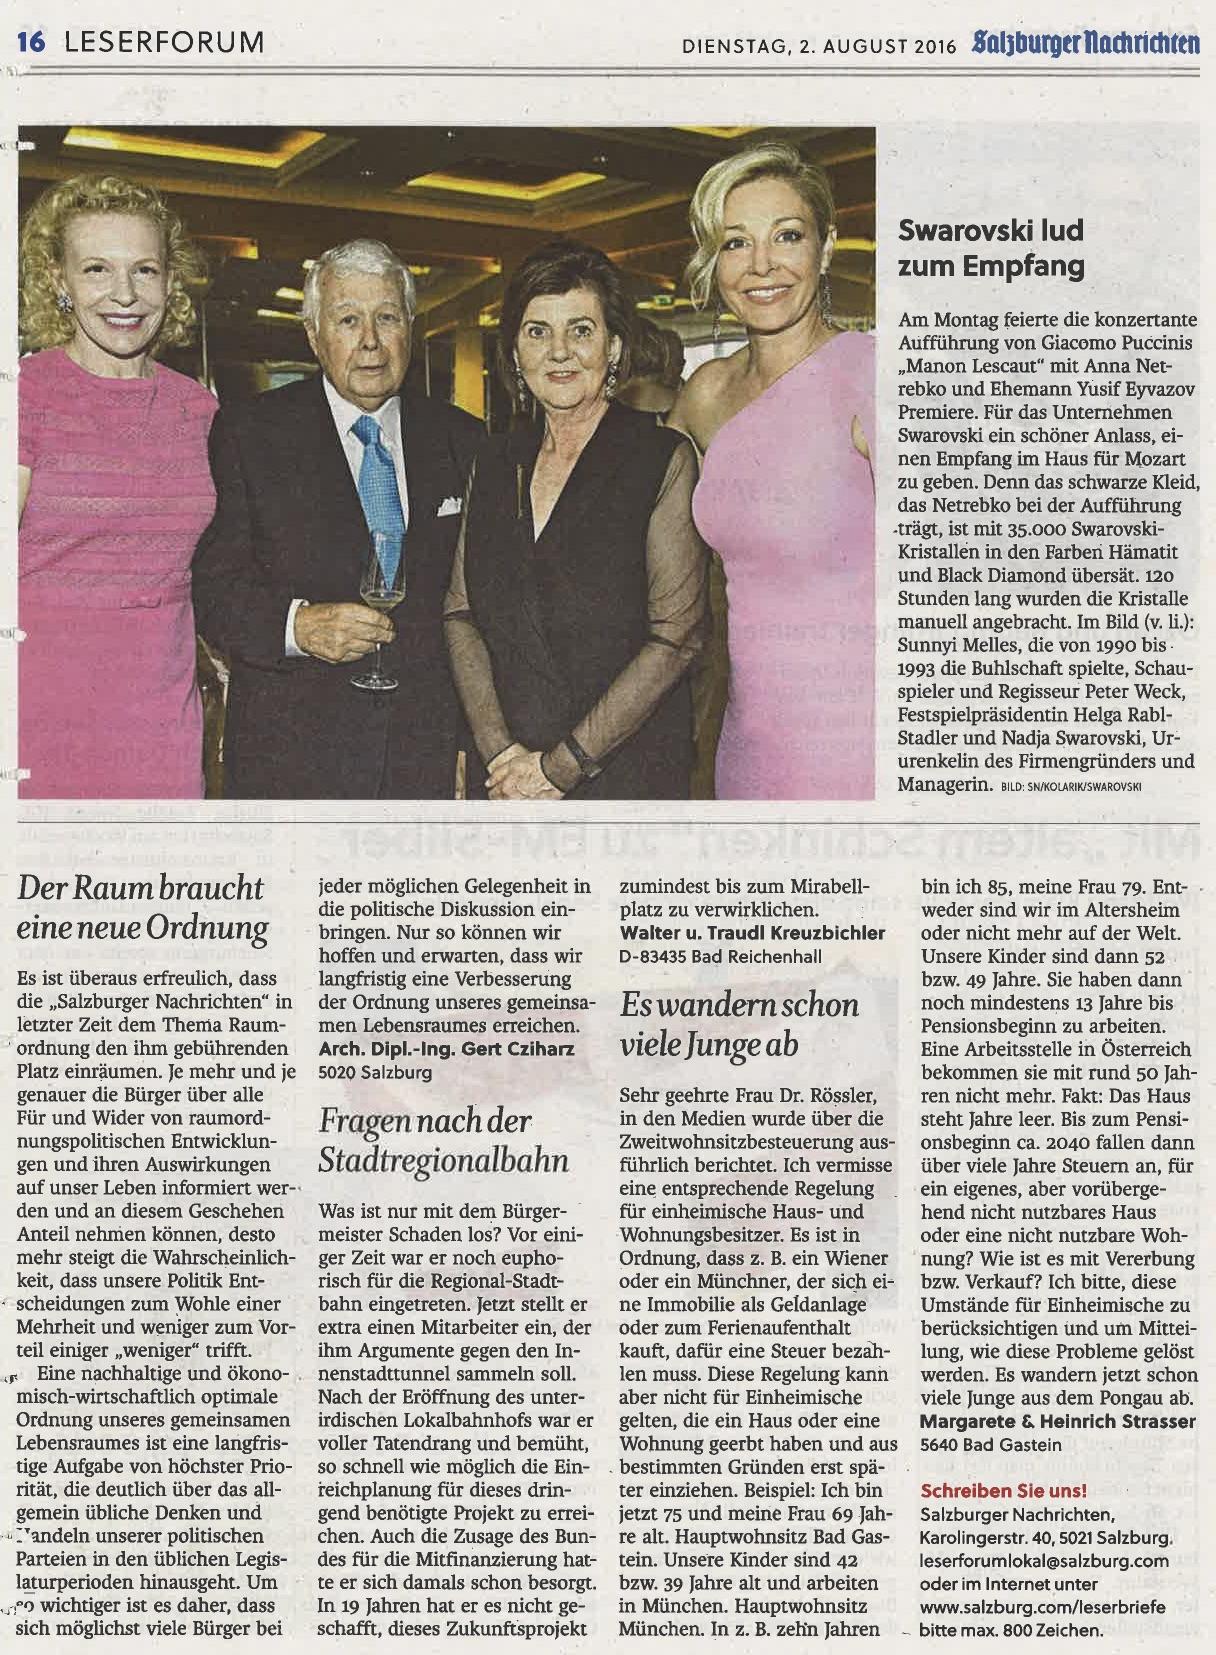 Artikel über den Cocktail-Empfang in den Salzburger Nachrichten, 02. August 2016